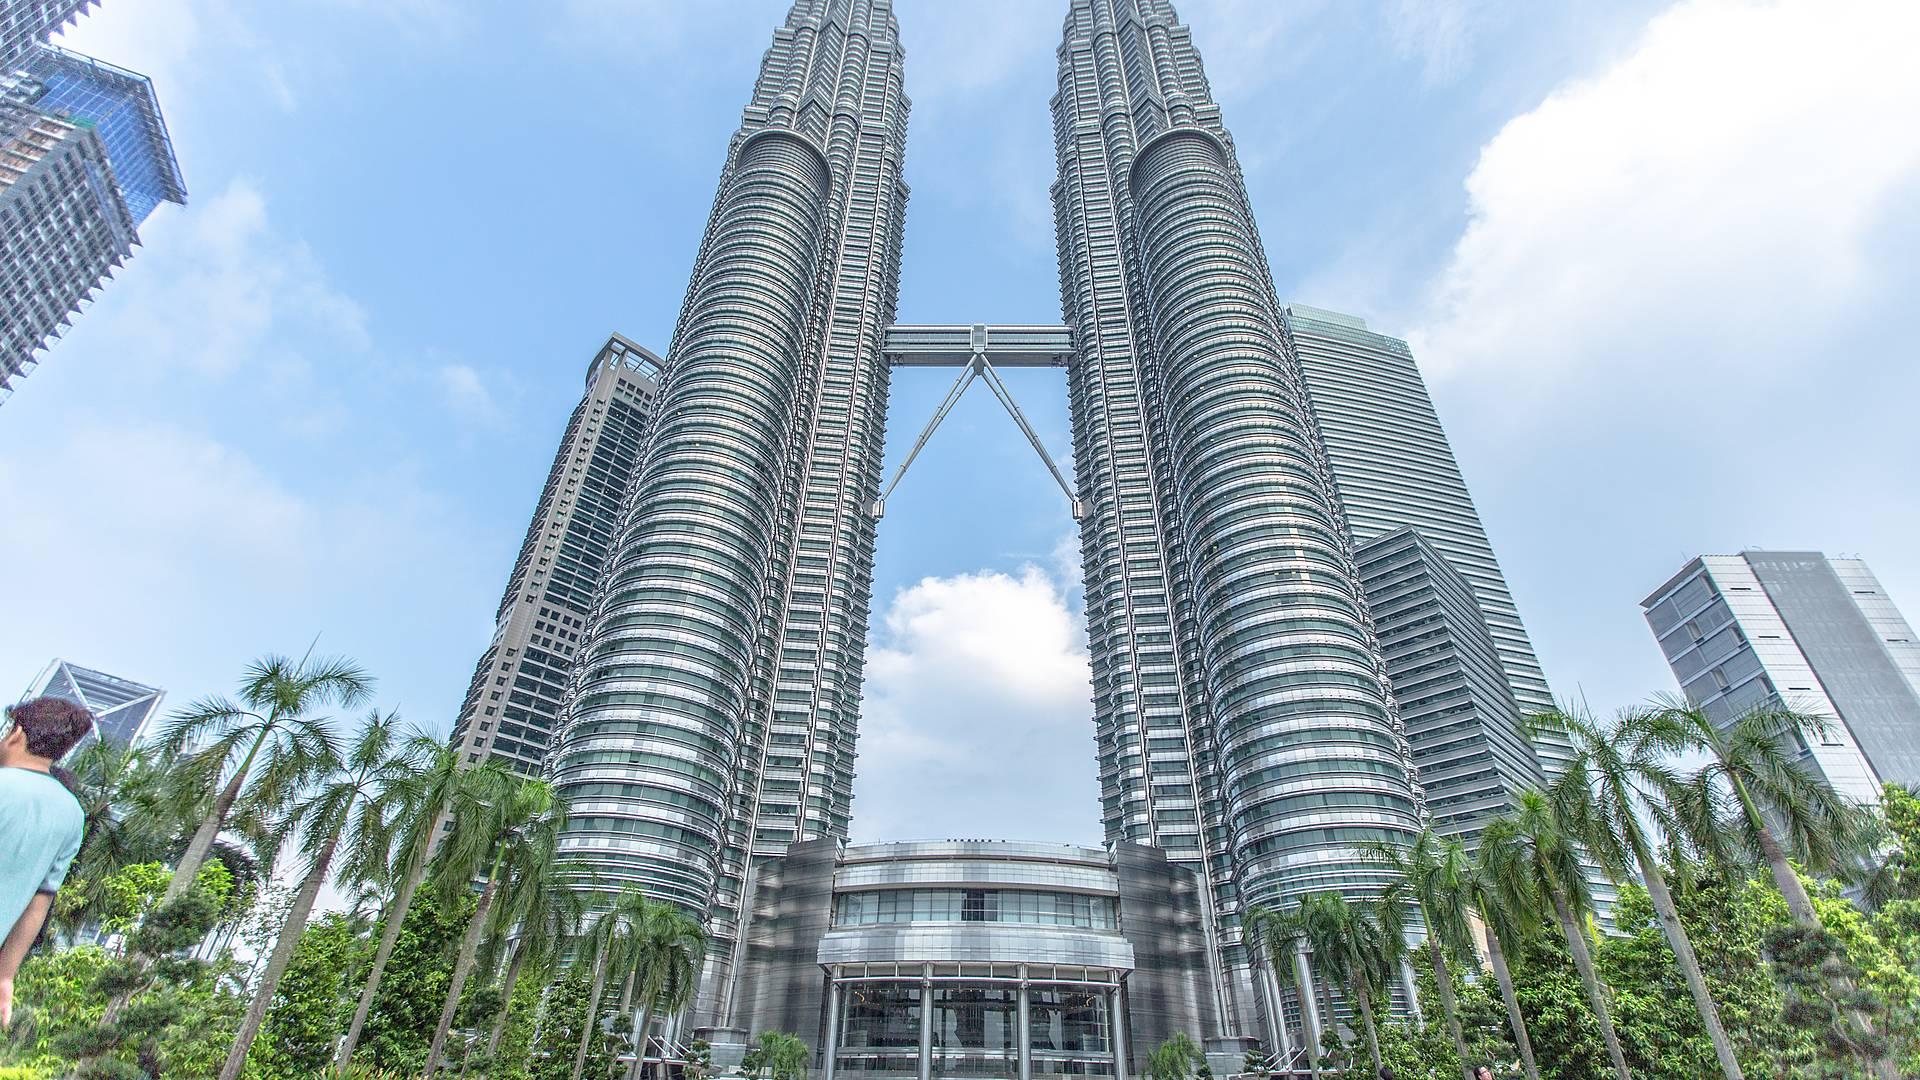 La péninsule malaise